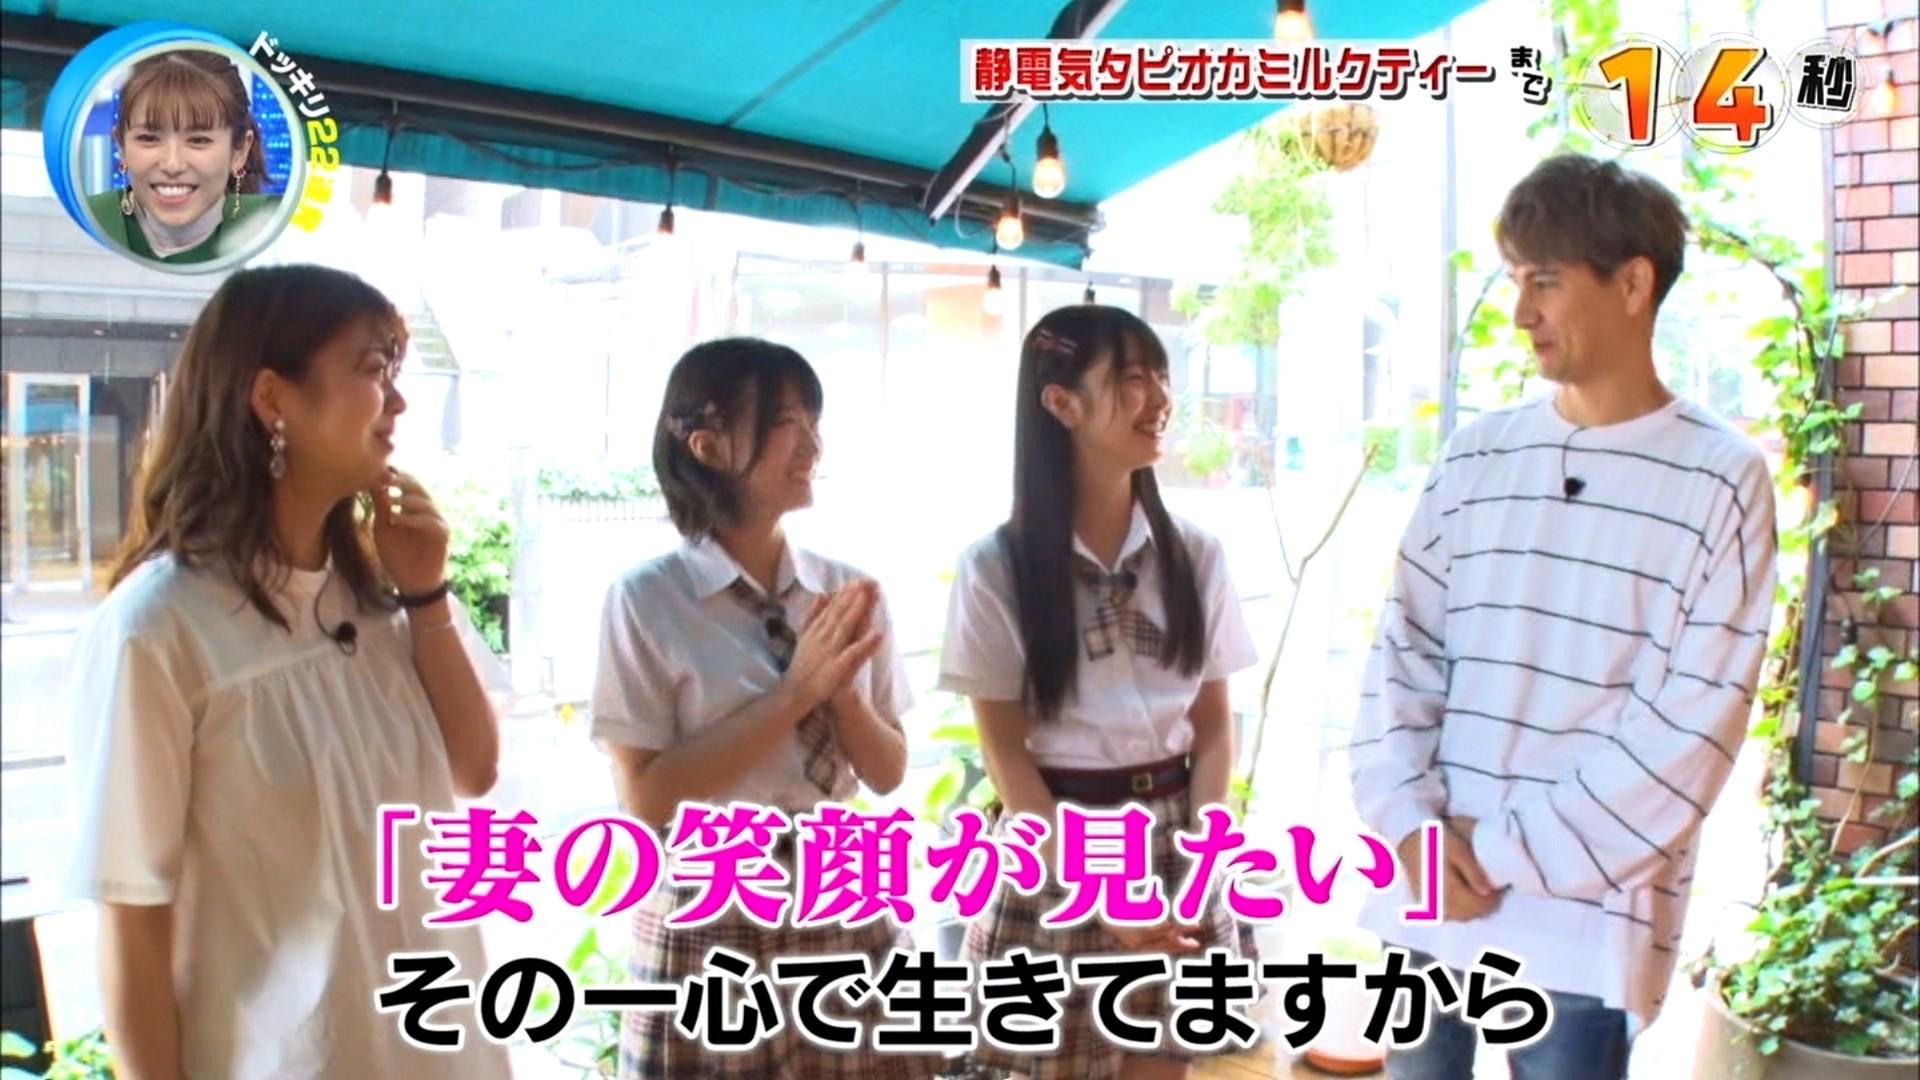 2019年11月30日にフジテレビ系列でほうそうされた「芸能人が本気で考えた!ドッキリGP」に出演したNMB48上西怜・大田莉央奈の画像-001